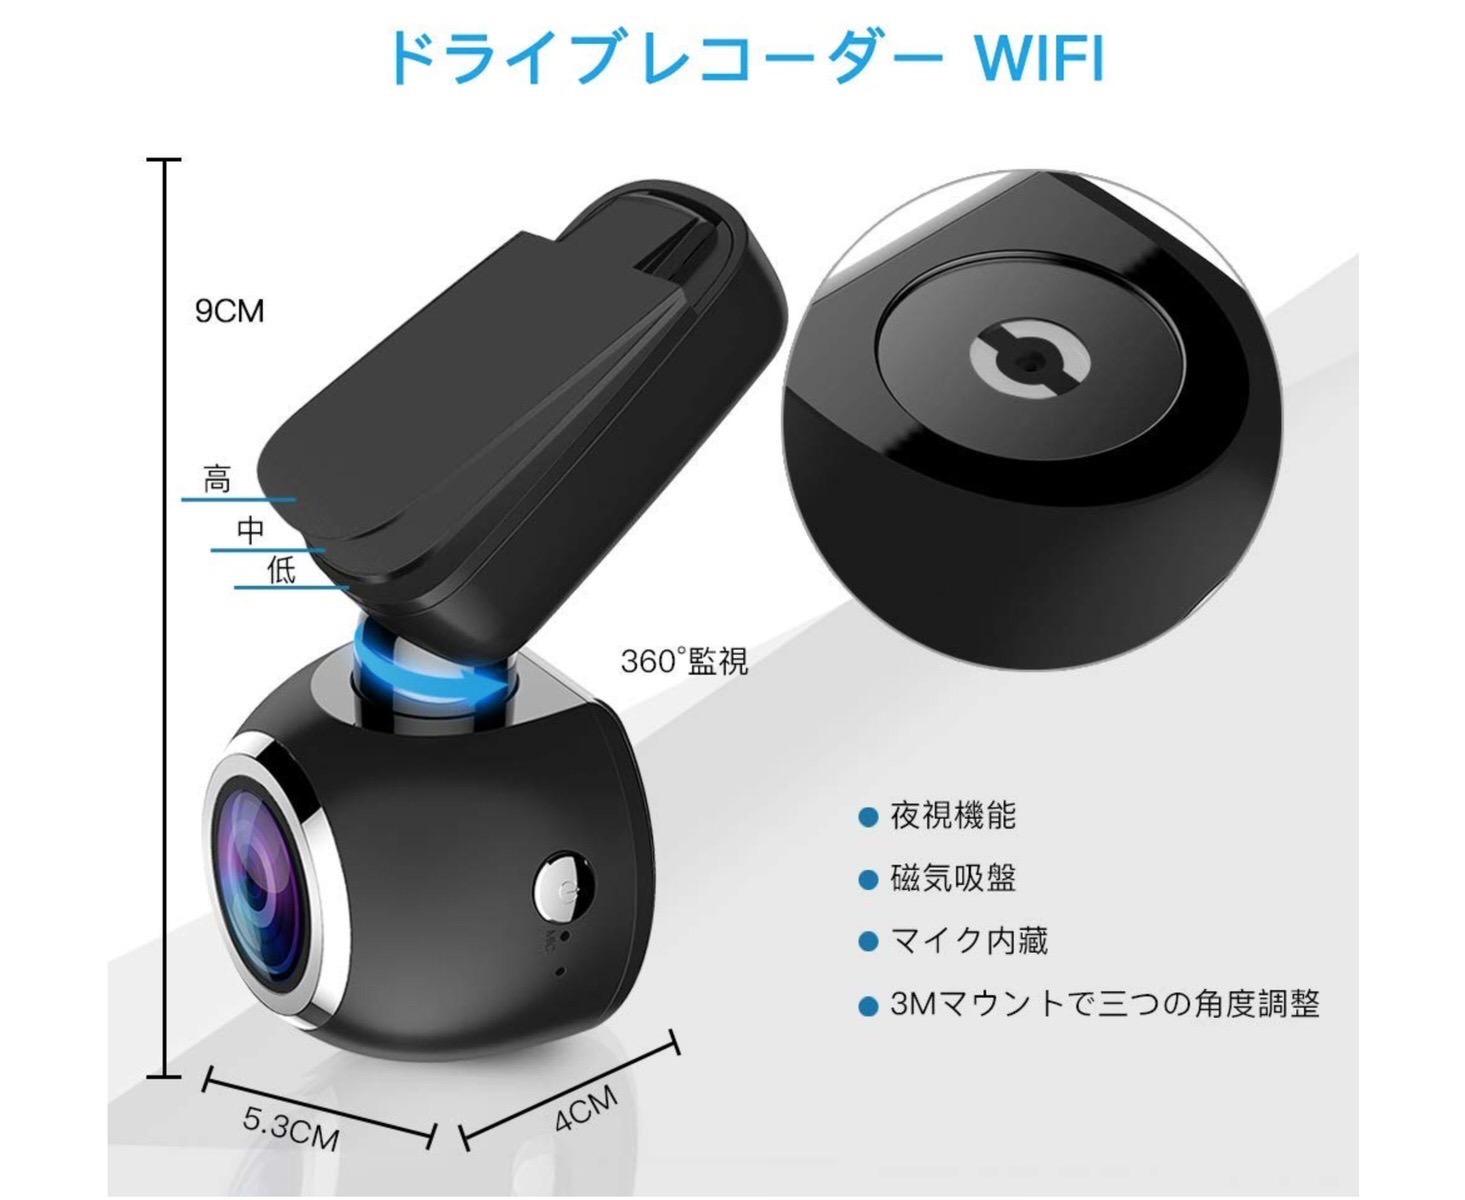 ドライブレコーダー WiFi【2018年最新版】HQBKiNG WiFi ドラレコ 1080PフルHD SONYセンサー搭載 高画質 ミニ 小型車載カメラ-5